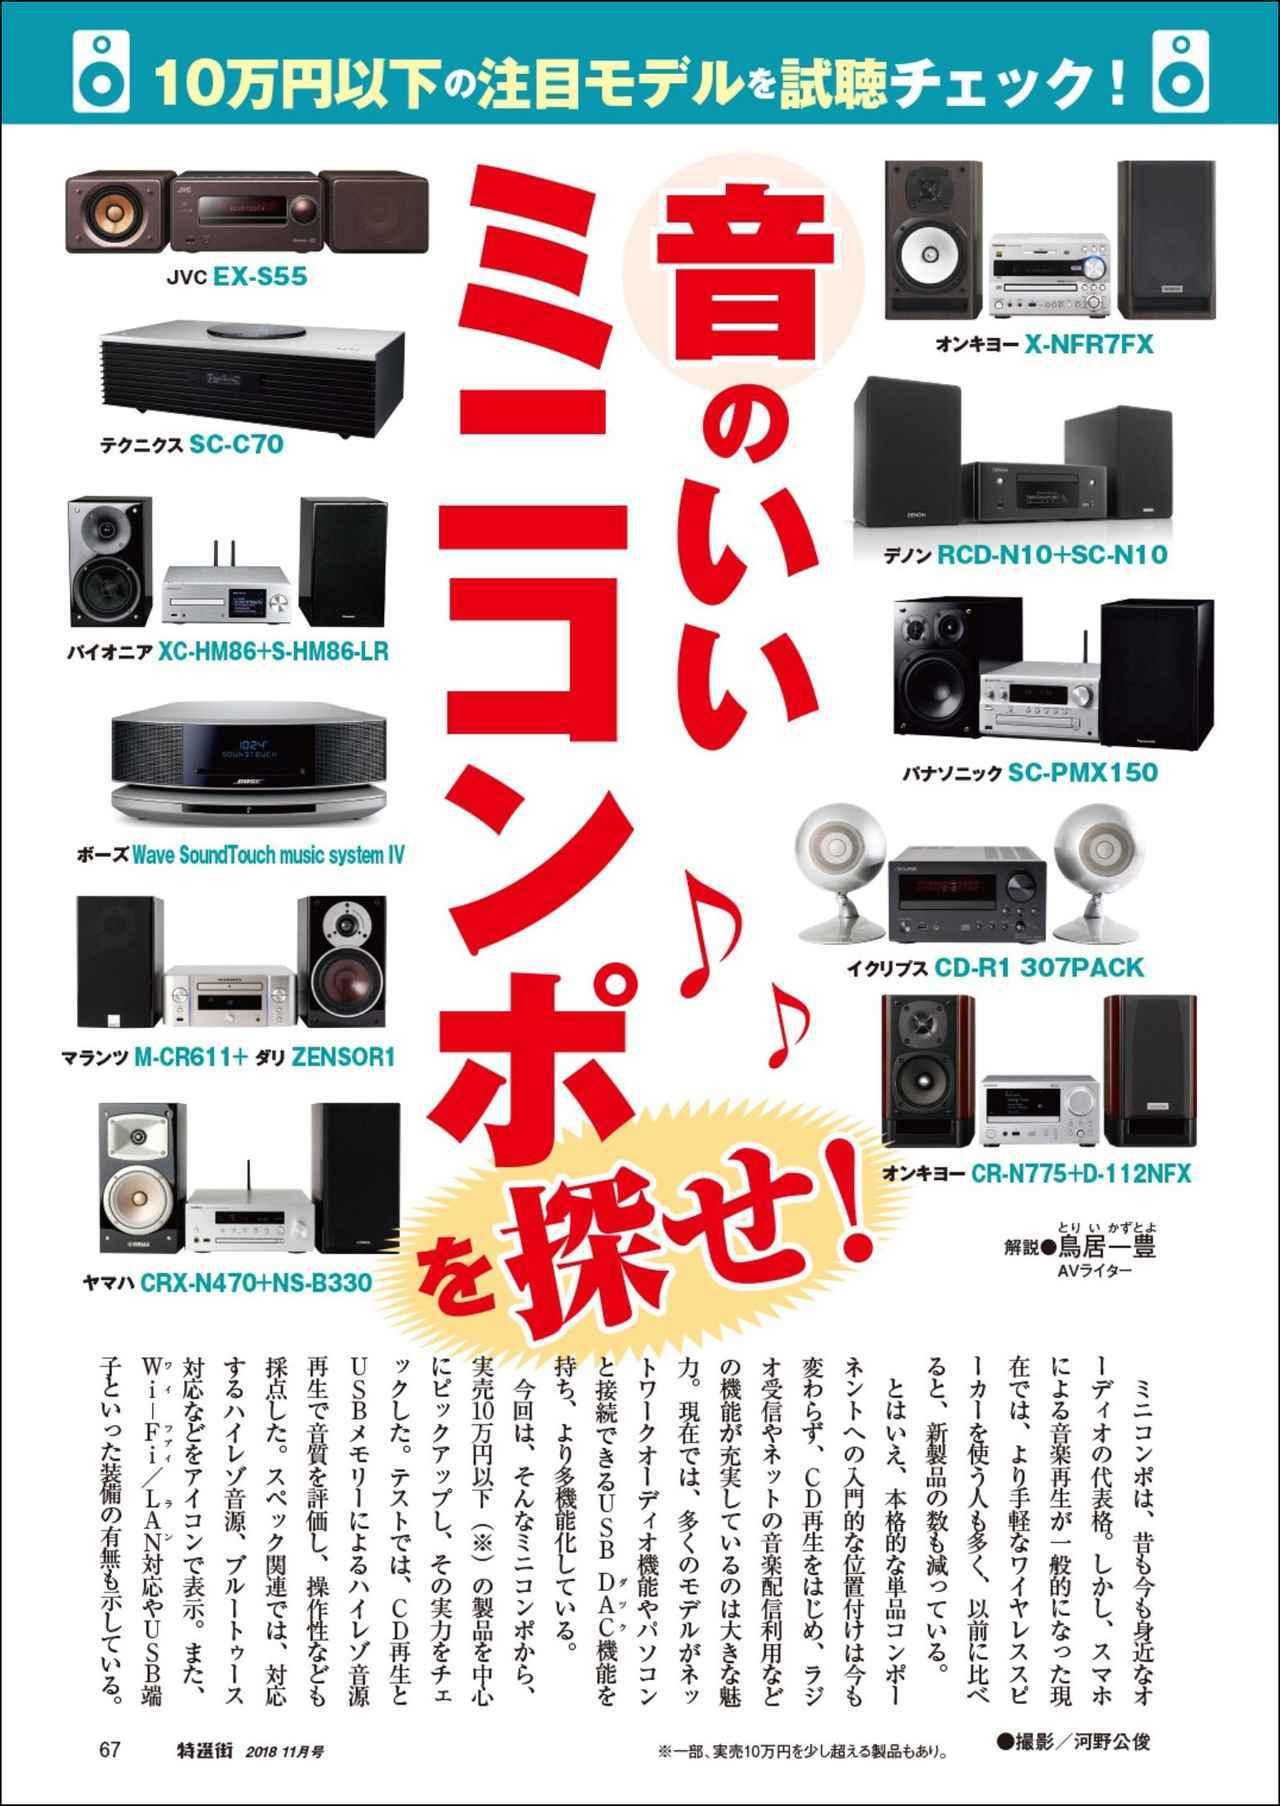 画像5: 「今どきのオーディオ&音楽」「レコード&カセット」を大特集。「特選街11月号」本日発売です!